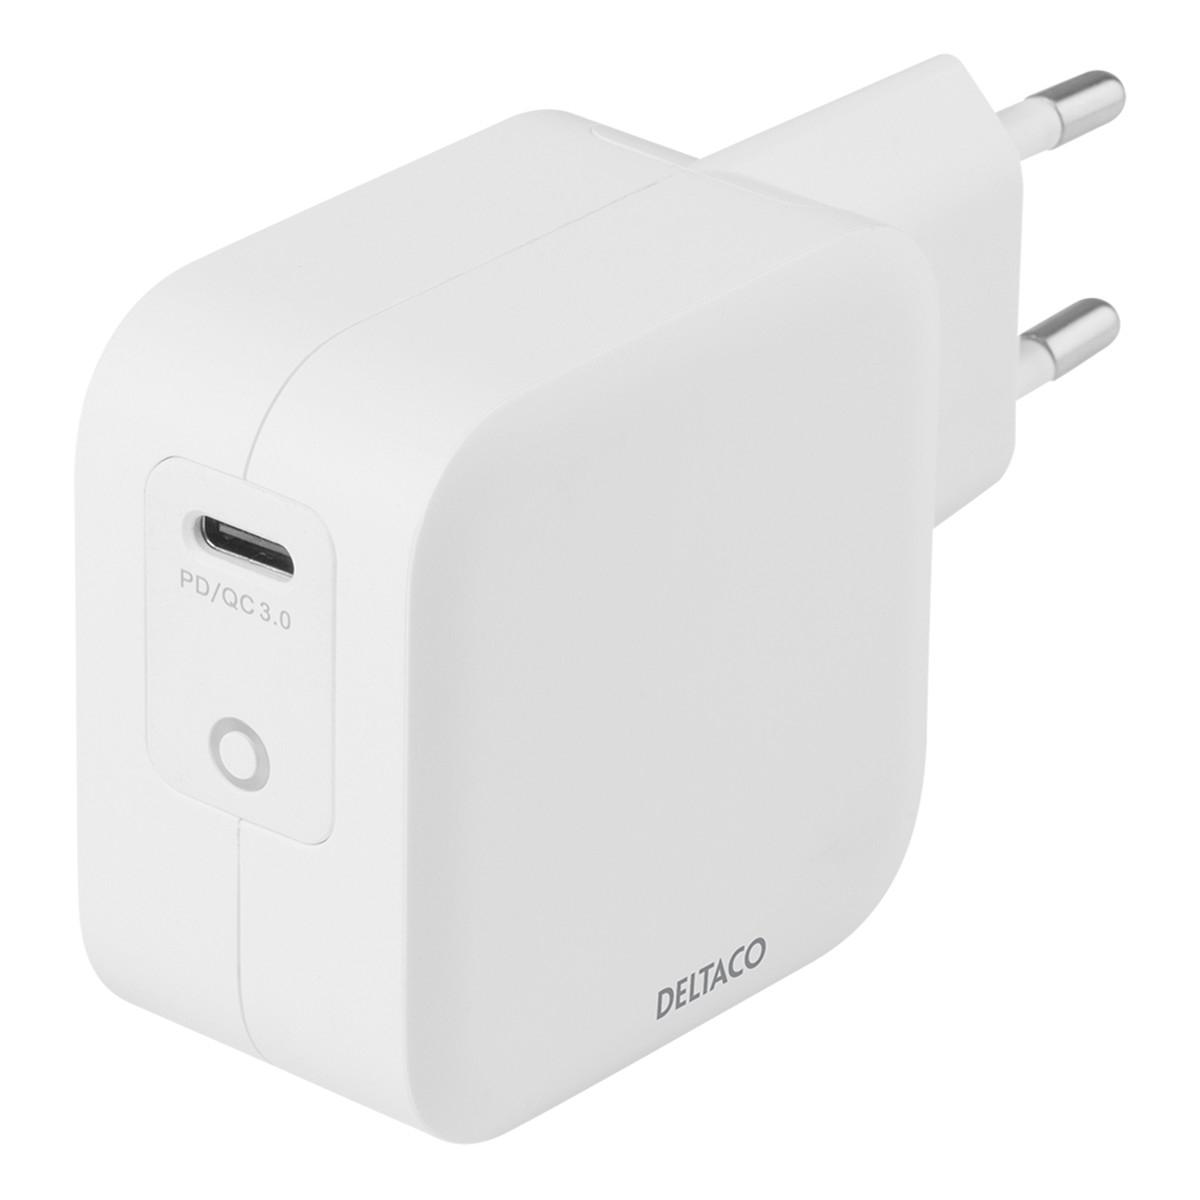 Deltaco USB-C väggladdare med PD och GaN-teknologi, 61W, vit